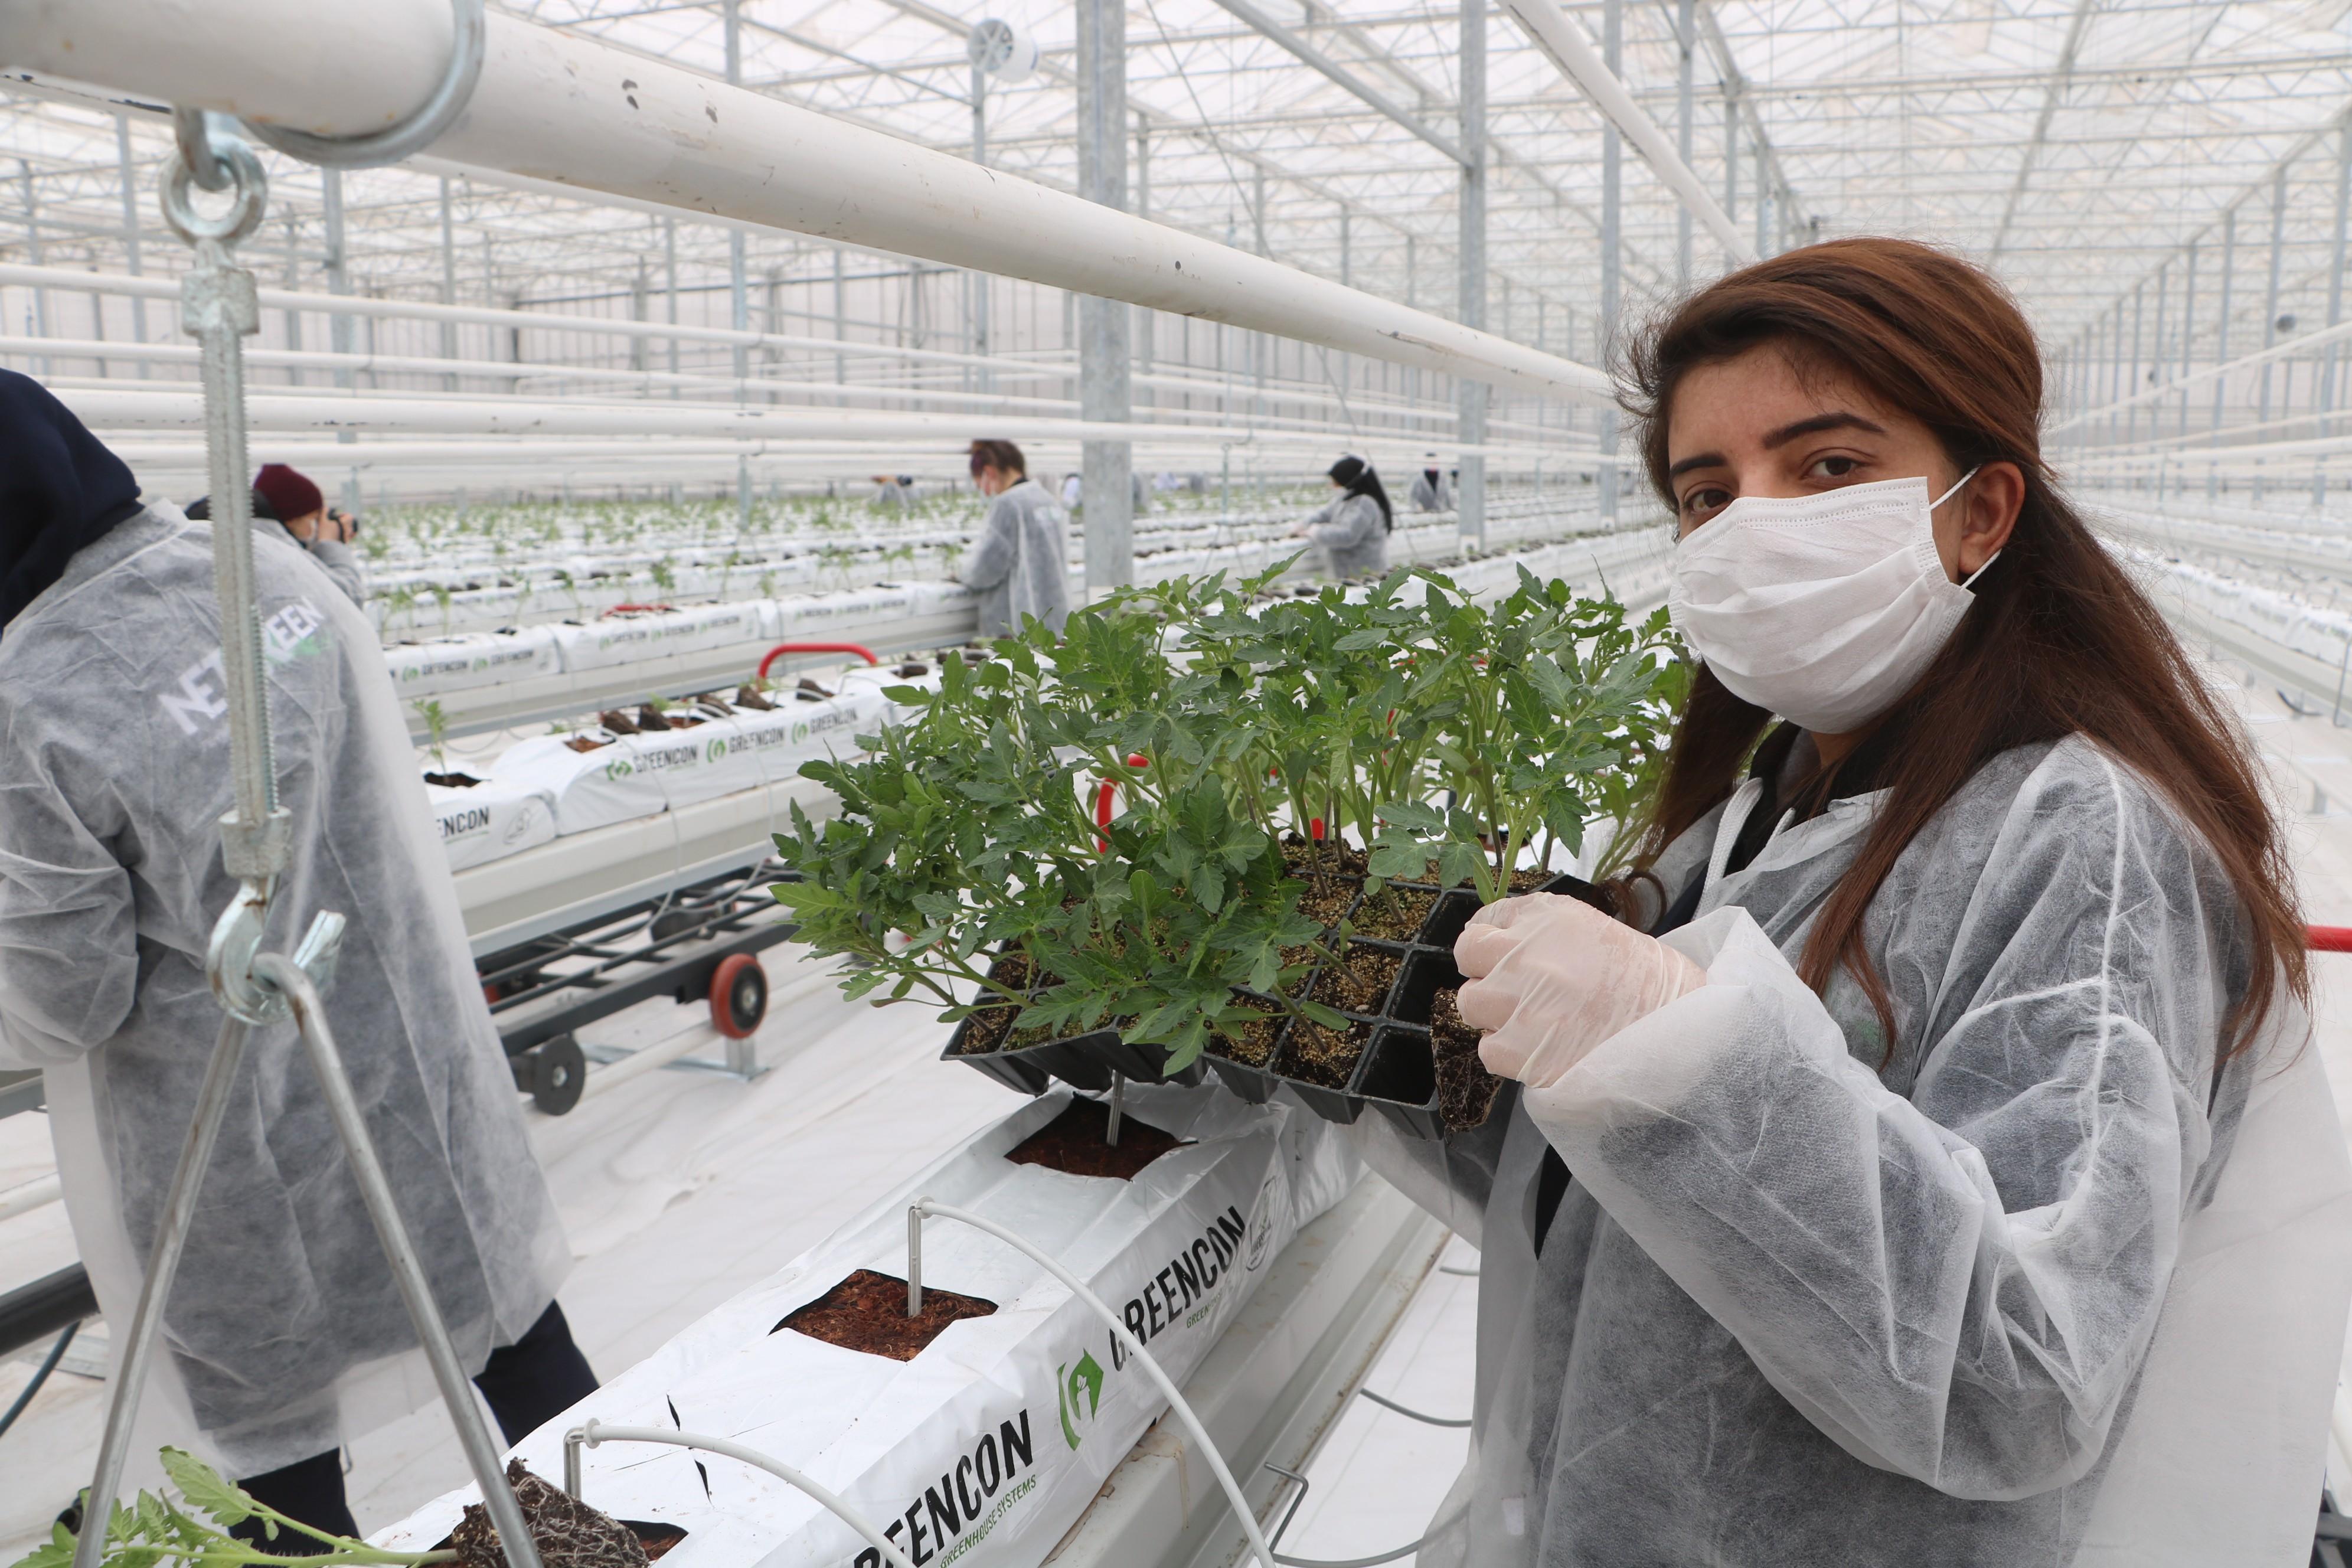 """<p>Türkiye'nin en soğuk illerinden biri olan Sivas'ta yaz aylarında bile domates tarımı yapılamazken, jeotermal enerji ile kara kışta domates üretilecek.</p> <p></p> <p>Sivas'ta iki dönem belediye başkanlığı yapan iş adamı Sami Aydın, geliştirdiği proje ile Sivas'ta bir ilke daha imza attı. Aydın, Sıcak Çermik Termal bölgesinde 60 dönümlük dev bir sera kurdu. Jeotermal enerji ile ısıtılan cam serada, Sivas'ın dondurucu soğuklarında bile tarım yapılması amaçlanıyor. Sivas'ta ilk olan proje kapsamında bugün ilk olarak 120 bin domates fidesi toprakla buluşturuldu. İlk fide dikimi Sivas Valisi Salih Ayhan, Sivas Belediye Başkanı Hilmi Bilgin ve protokol üyelerinin katılımlarıyla gerçekleşti.</p> <p></p> <p>Basın mensuplarına açıklamalarda bulunan Vali Ayhan, """"Sivas çok büyük bir değer kazandı. Çok yüksek bir teknoloji ve ufuk açan bir hizmeti Sivas'a katma değer üretecek bir projeyi Sivas'a kazandırdı. Sami Bey'i tebrik ediyorum cesaretinden dolayı. Gerçekten beni en çok heyecanlandıran projelerden birisi olduğunu söyleyebilirim. Her alanda Sivas gelişiyor ama tarım alanında bambaşka bir gelişme var. Sivas'ın tarımda çok iyi bir ivme kazandığını söyleyebilirim. Termali sadece sağlık turizmi açısından değil, görsel ve kültürel amaçla kullanıyoruz Altınkale ile birlikte. Geleneksel çadır alanları, meydan düzenlemeleri, oteller ve bir de burası buraya adete ayrı bir katma değer kattı. Ben tebrik ediyorum. İnşallah ilimiz bu güzelliklerle adından söz ettirecek"""" dedi.</p> <p></p> <p>Sivas'ta bir ilki gerçekleştirerek termal akıllı sera projesini hayata geçirdiklerini belirten Aydın, """"Böyle bir tesisin ilk fide dikimini gerçekleştiriyoruz. Bu güzel anımızı, mutluluğumuzu bizimle paylaştığınız için başta değerli valim ve belediye başkanımız olmak üzere hepinize teşekkür ederim. Sivas'ta ilk sera projesi burası, modern bir sera. Bir diğer değişle, bu sera akıllı bir sera. Her şeyini sistem kontrol ediyor. Sivas'ın sıcak çermik suyu bu güne kadar sağlık için bir şifayken bundan """